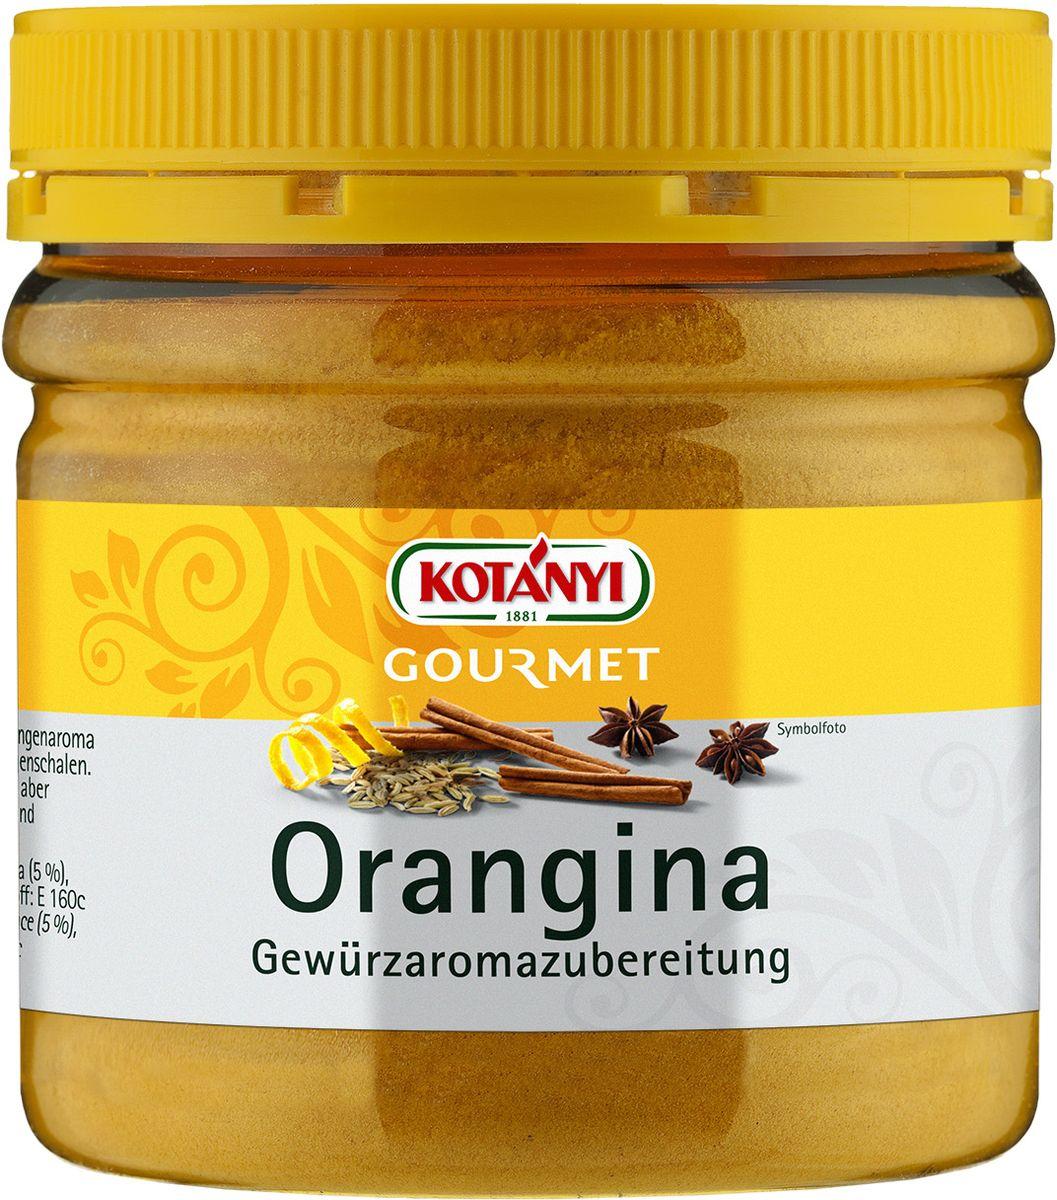 Kotanyi Приправа с ароматом апельсина, 170 г738901Приправа Kotanyi с ароматом апельсина заменяет апельсиновую цедру. Может использоваться для сладких, а также мясных блюд, блюд из птицы и дичи, краснокачанной капусты. Уважаемые клиенты! Обращаем ваше внимание, что полный перечень состава продукта представлен на дополнительном изображении.